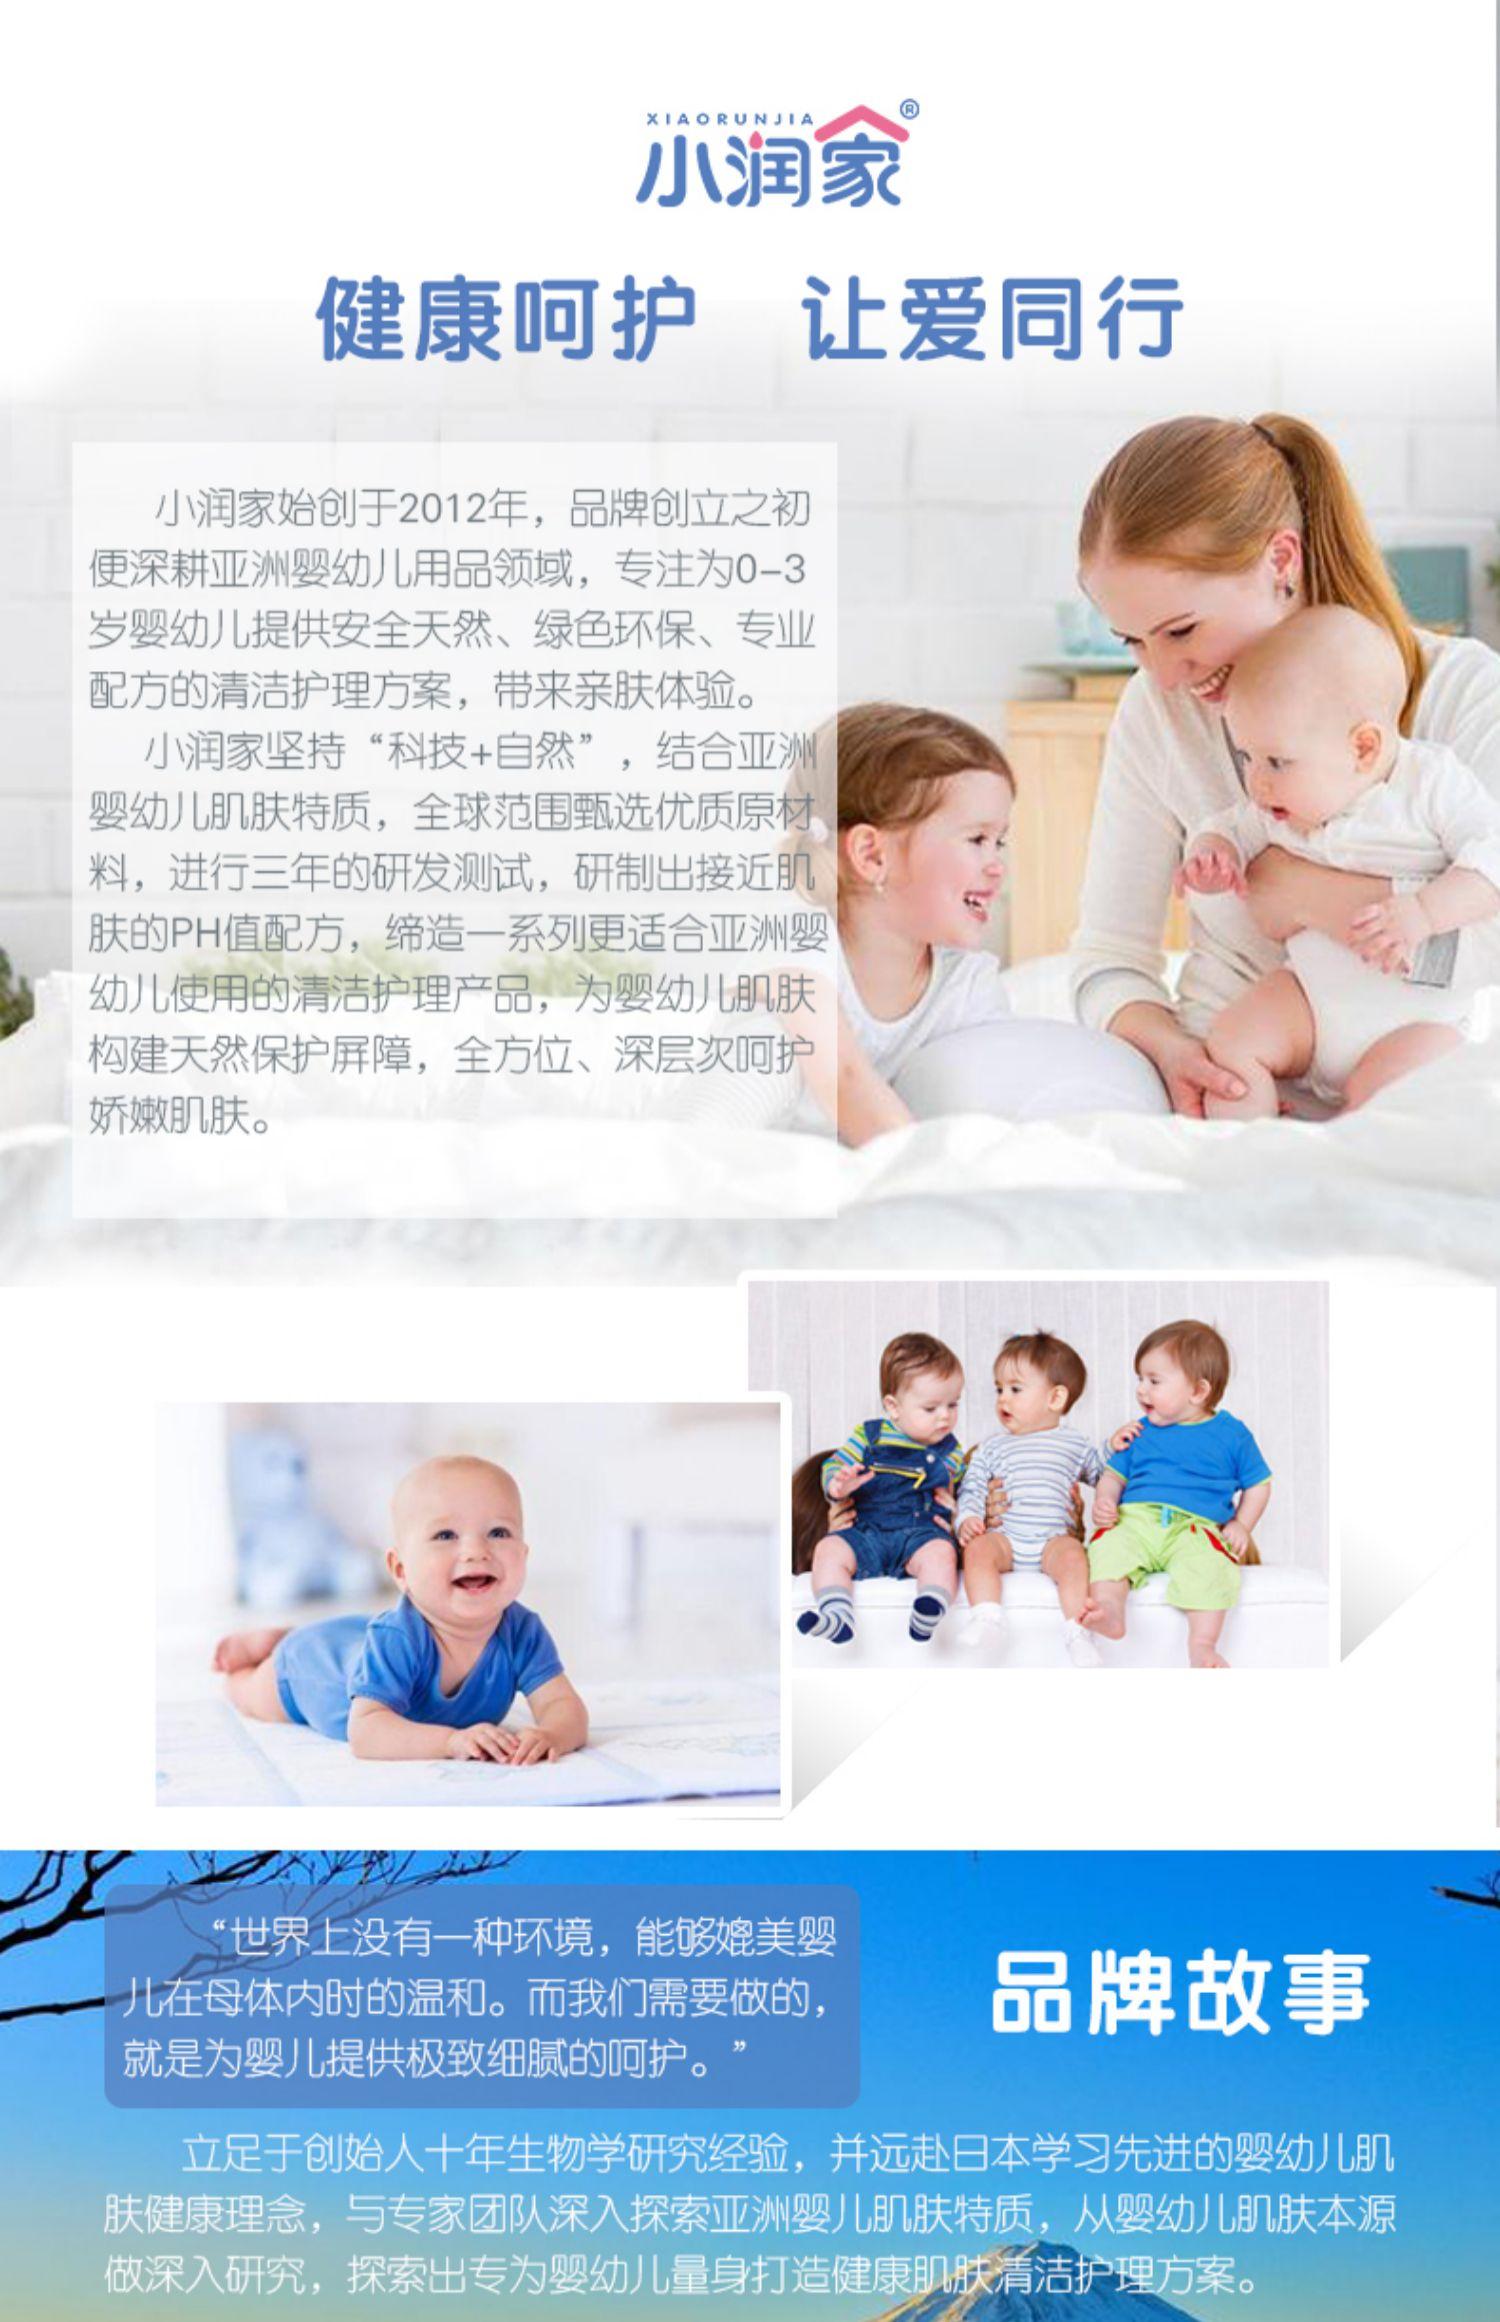 小润家婴儿保湿柔纸巾S码40抽20包宝宝抽纸婴幼儿纸巾新生云柔巾商品详情图